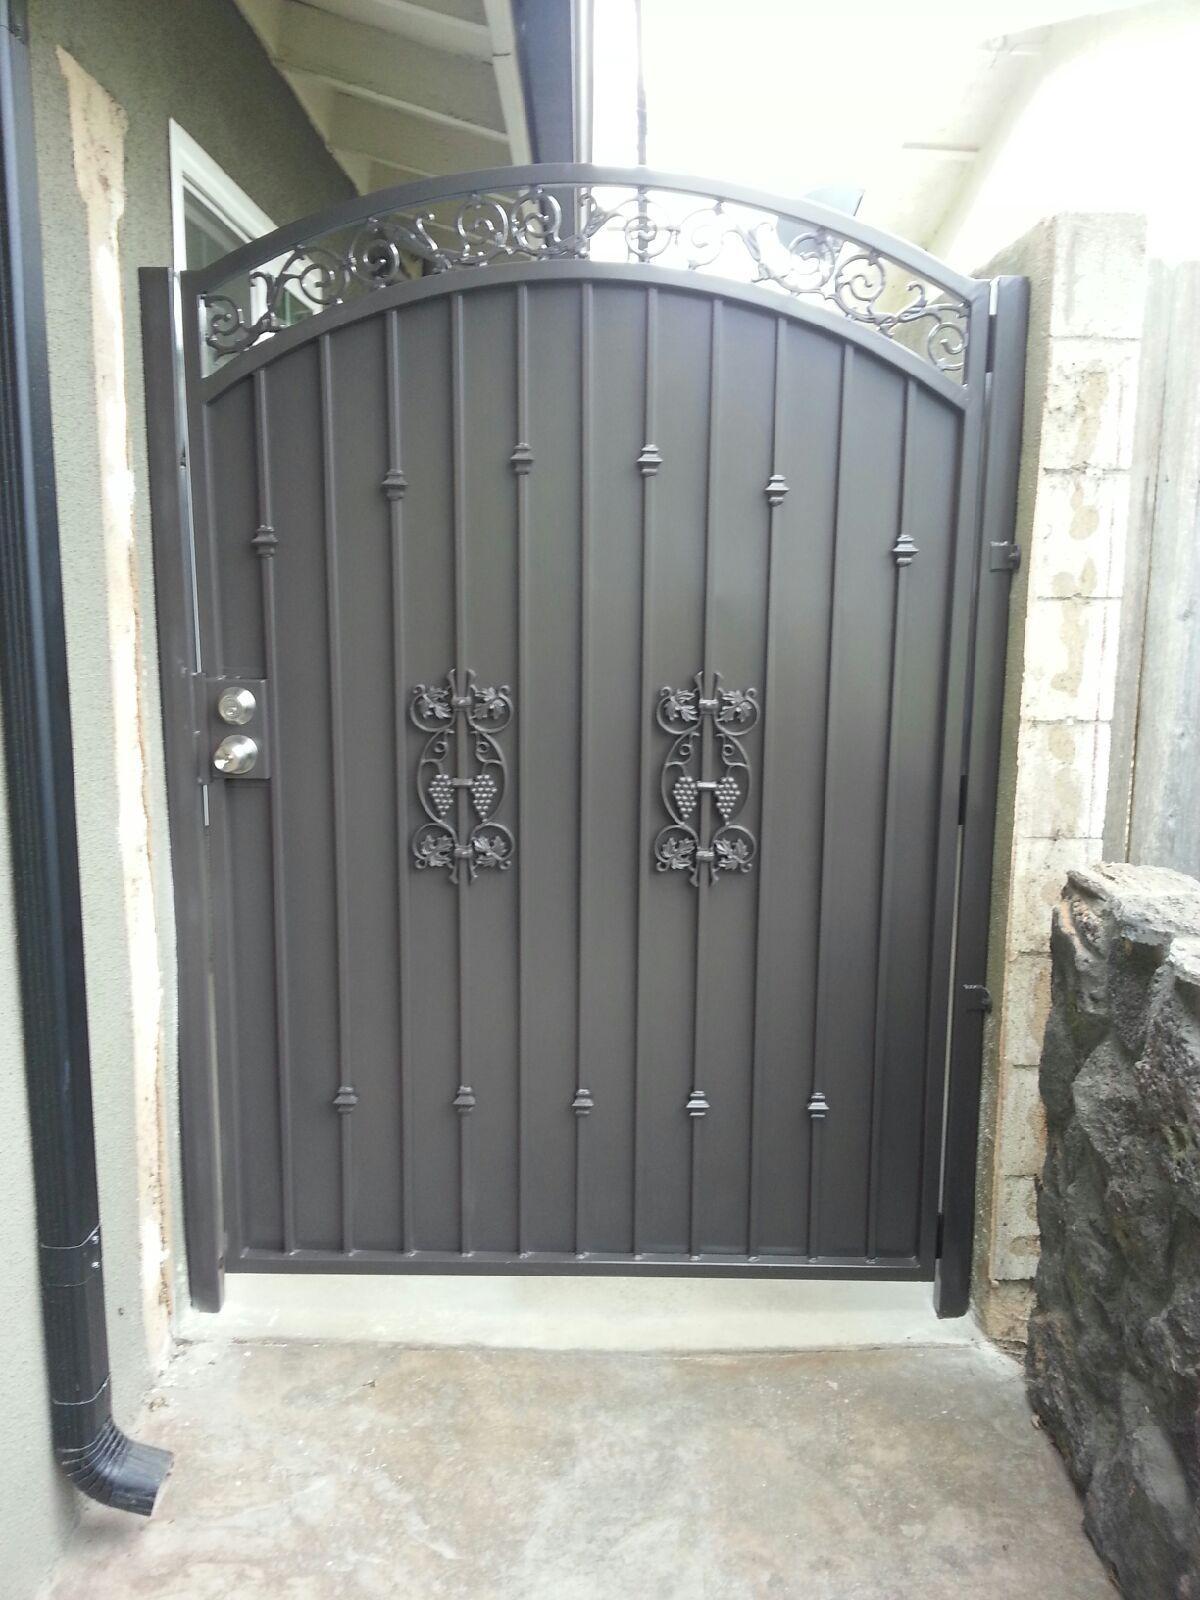 Gate #17